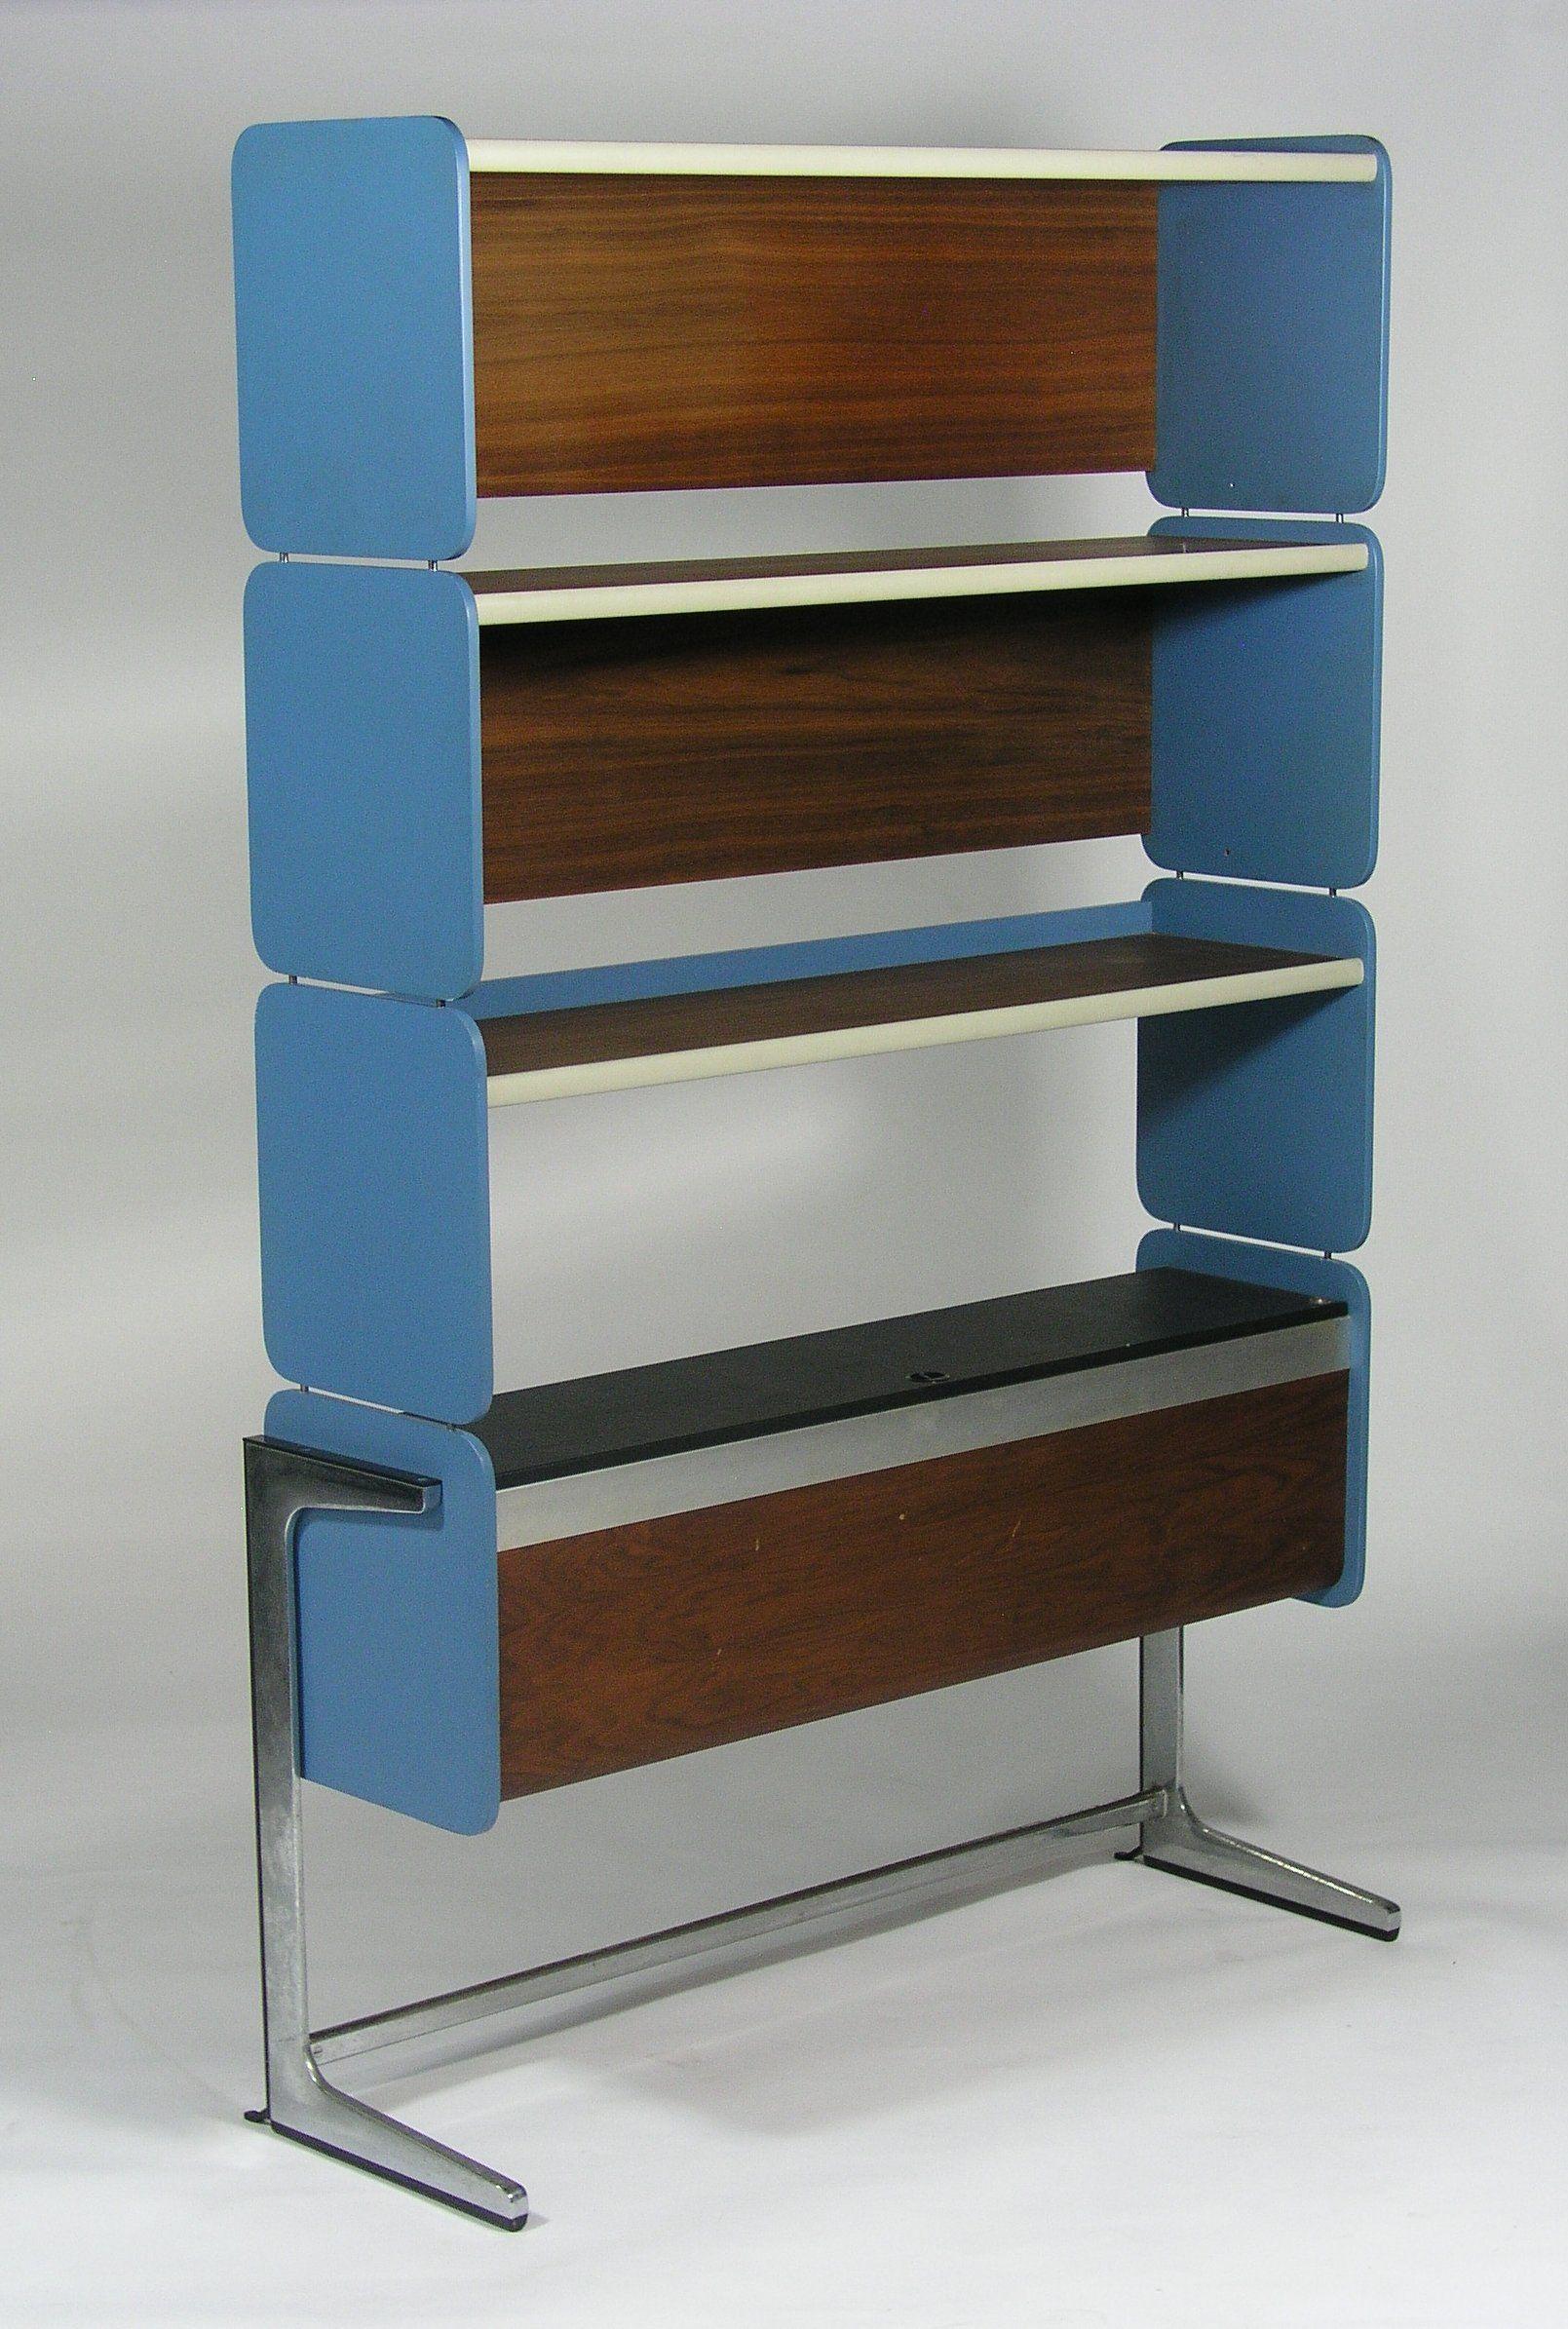 Error Page Furniture Stylesblue Furniturefurniture Designmid Century